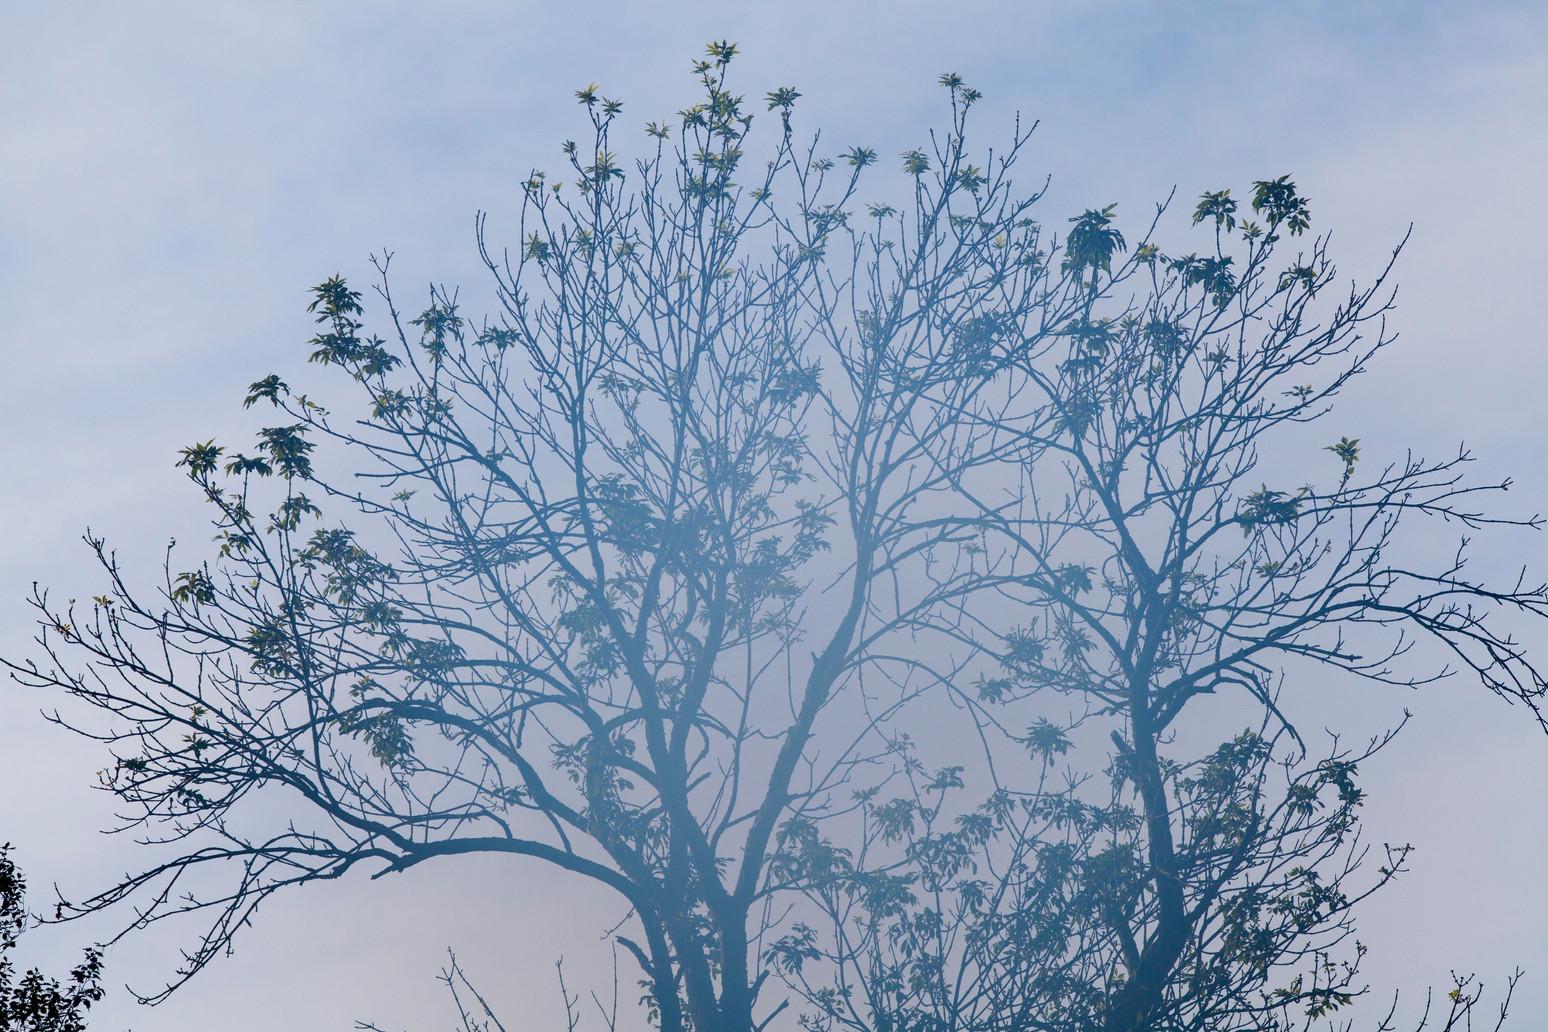 Downey Woodpecker 7:22AM